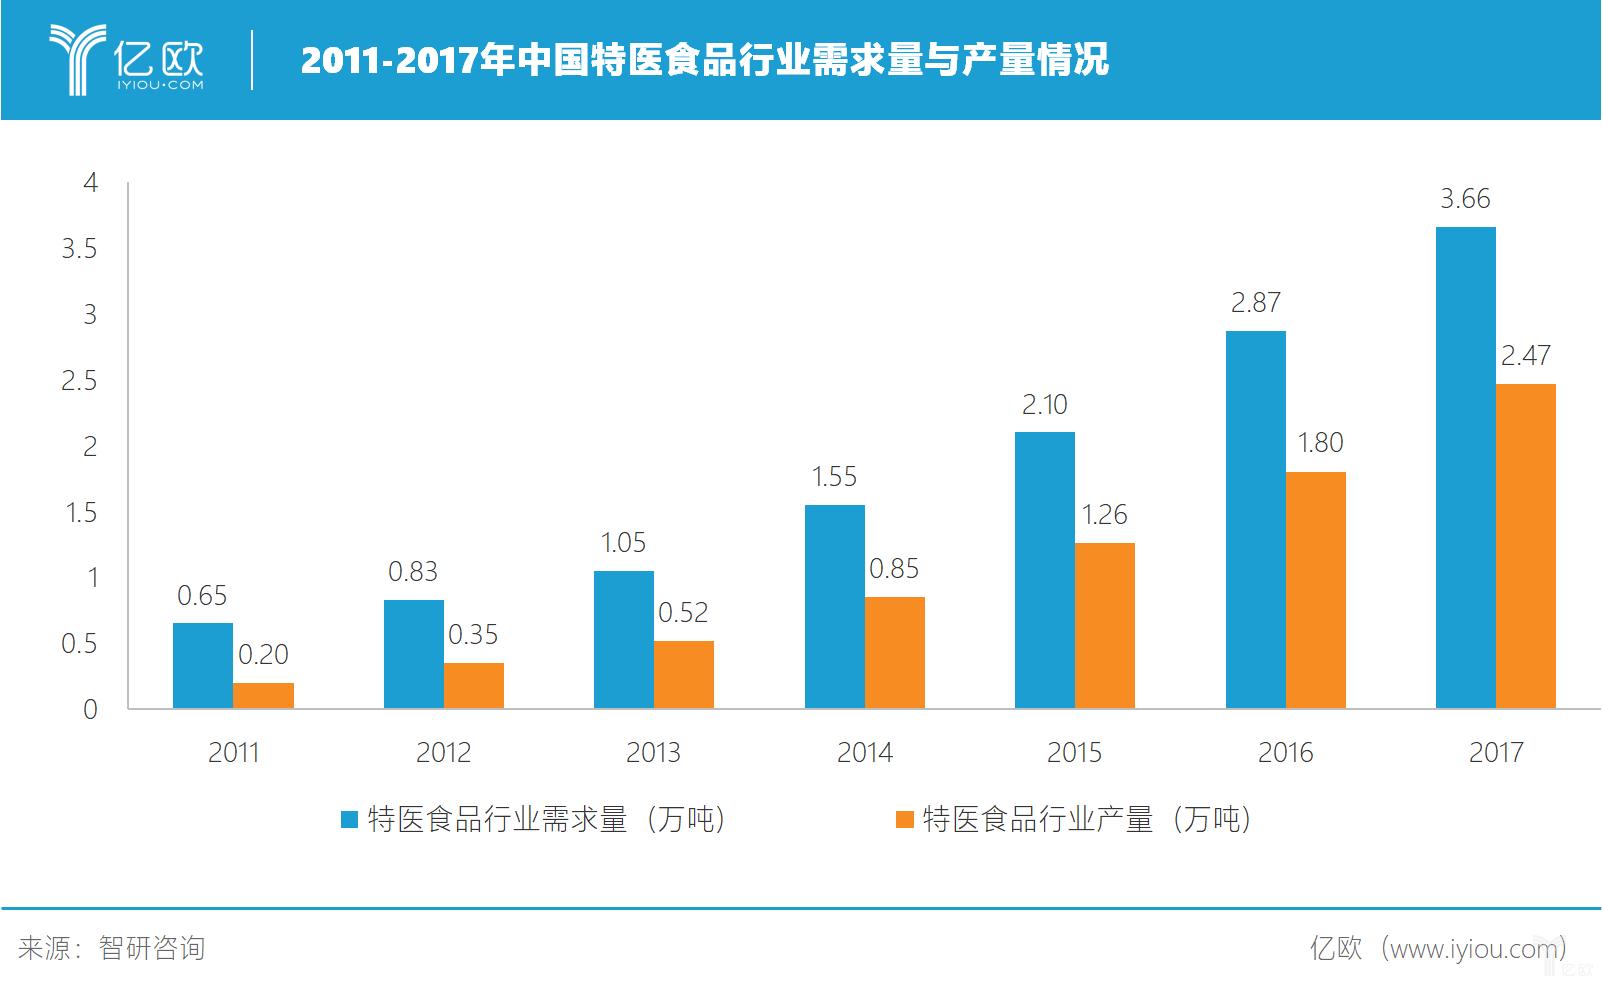 2011-2017年中国特医食品行业需求量与产量情况.png